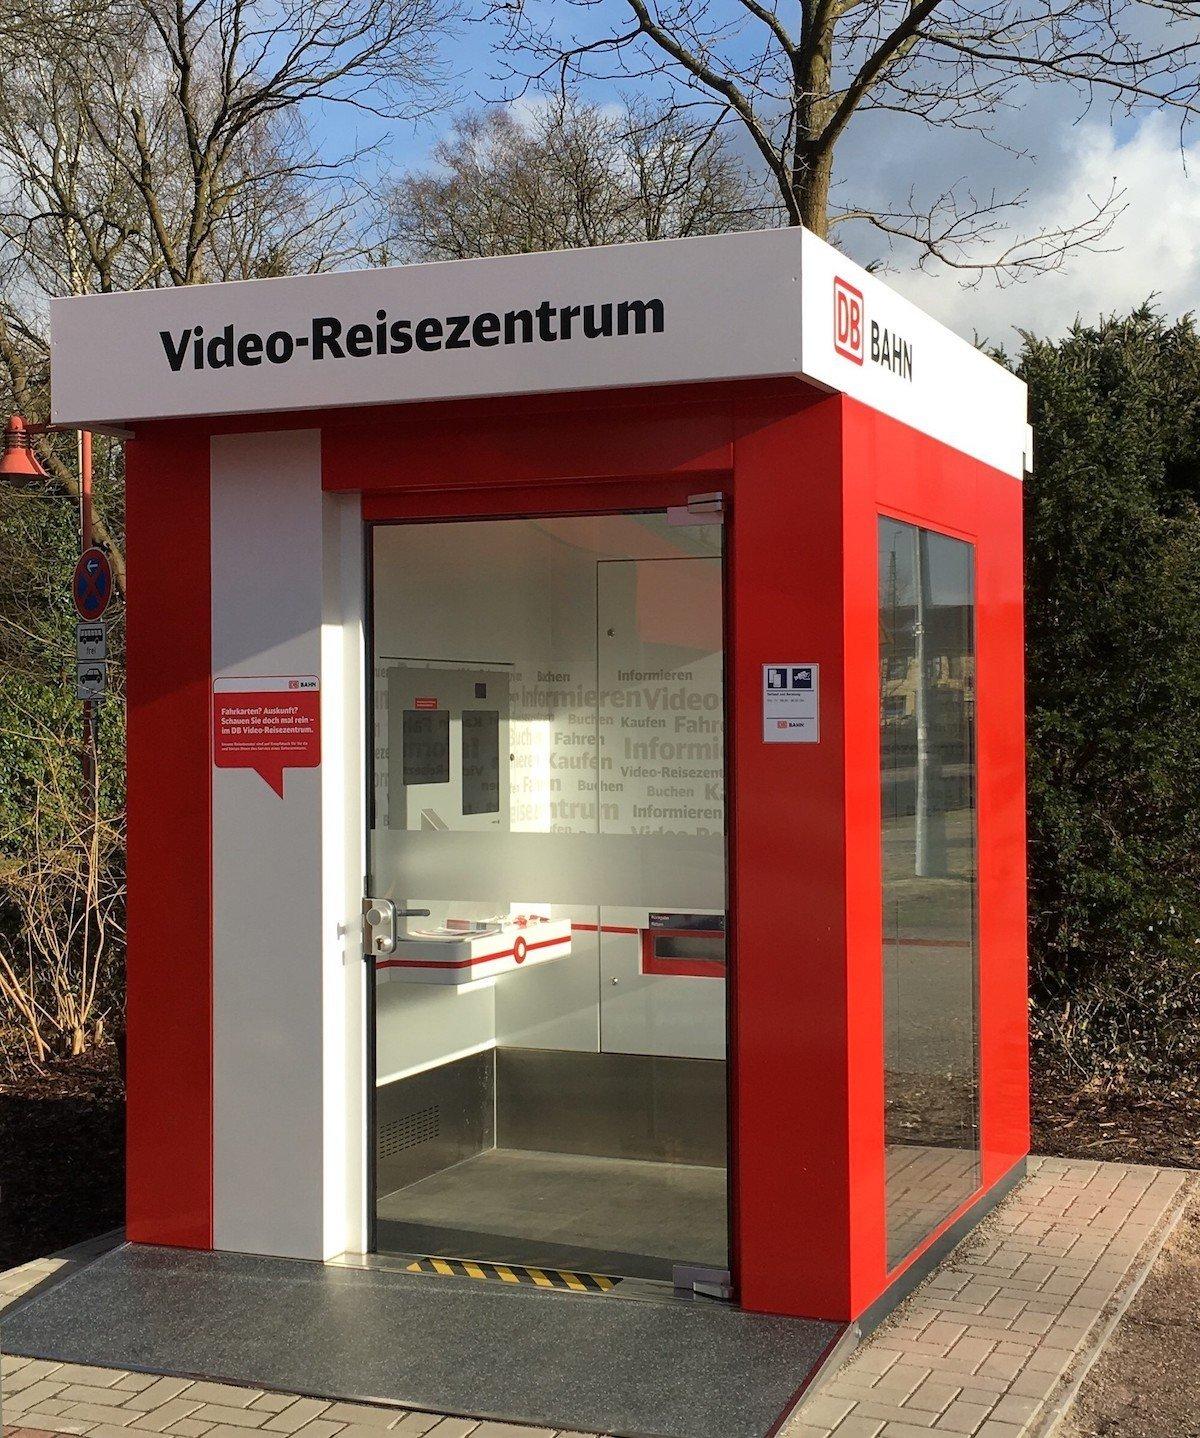 Video-Reisezentrum als Solitär (Foto: Deutsche Bahn)